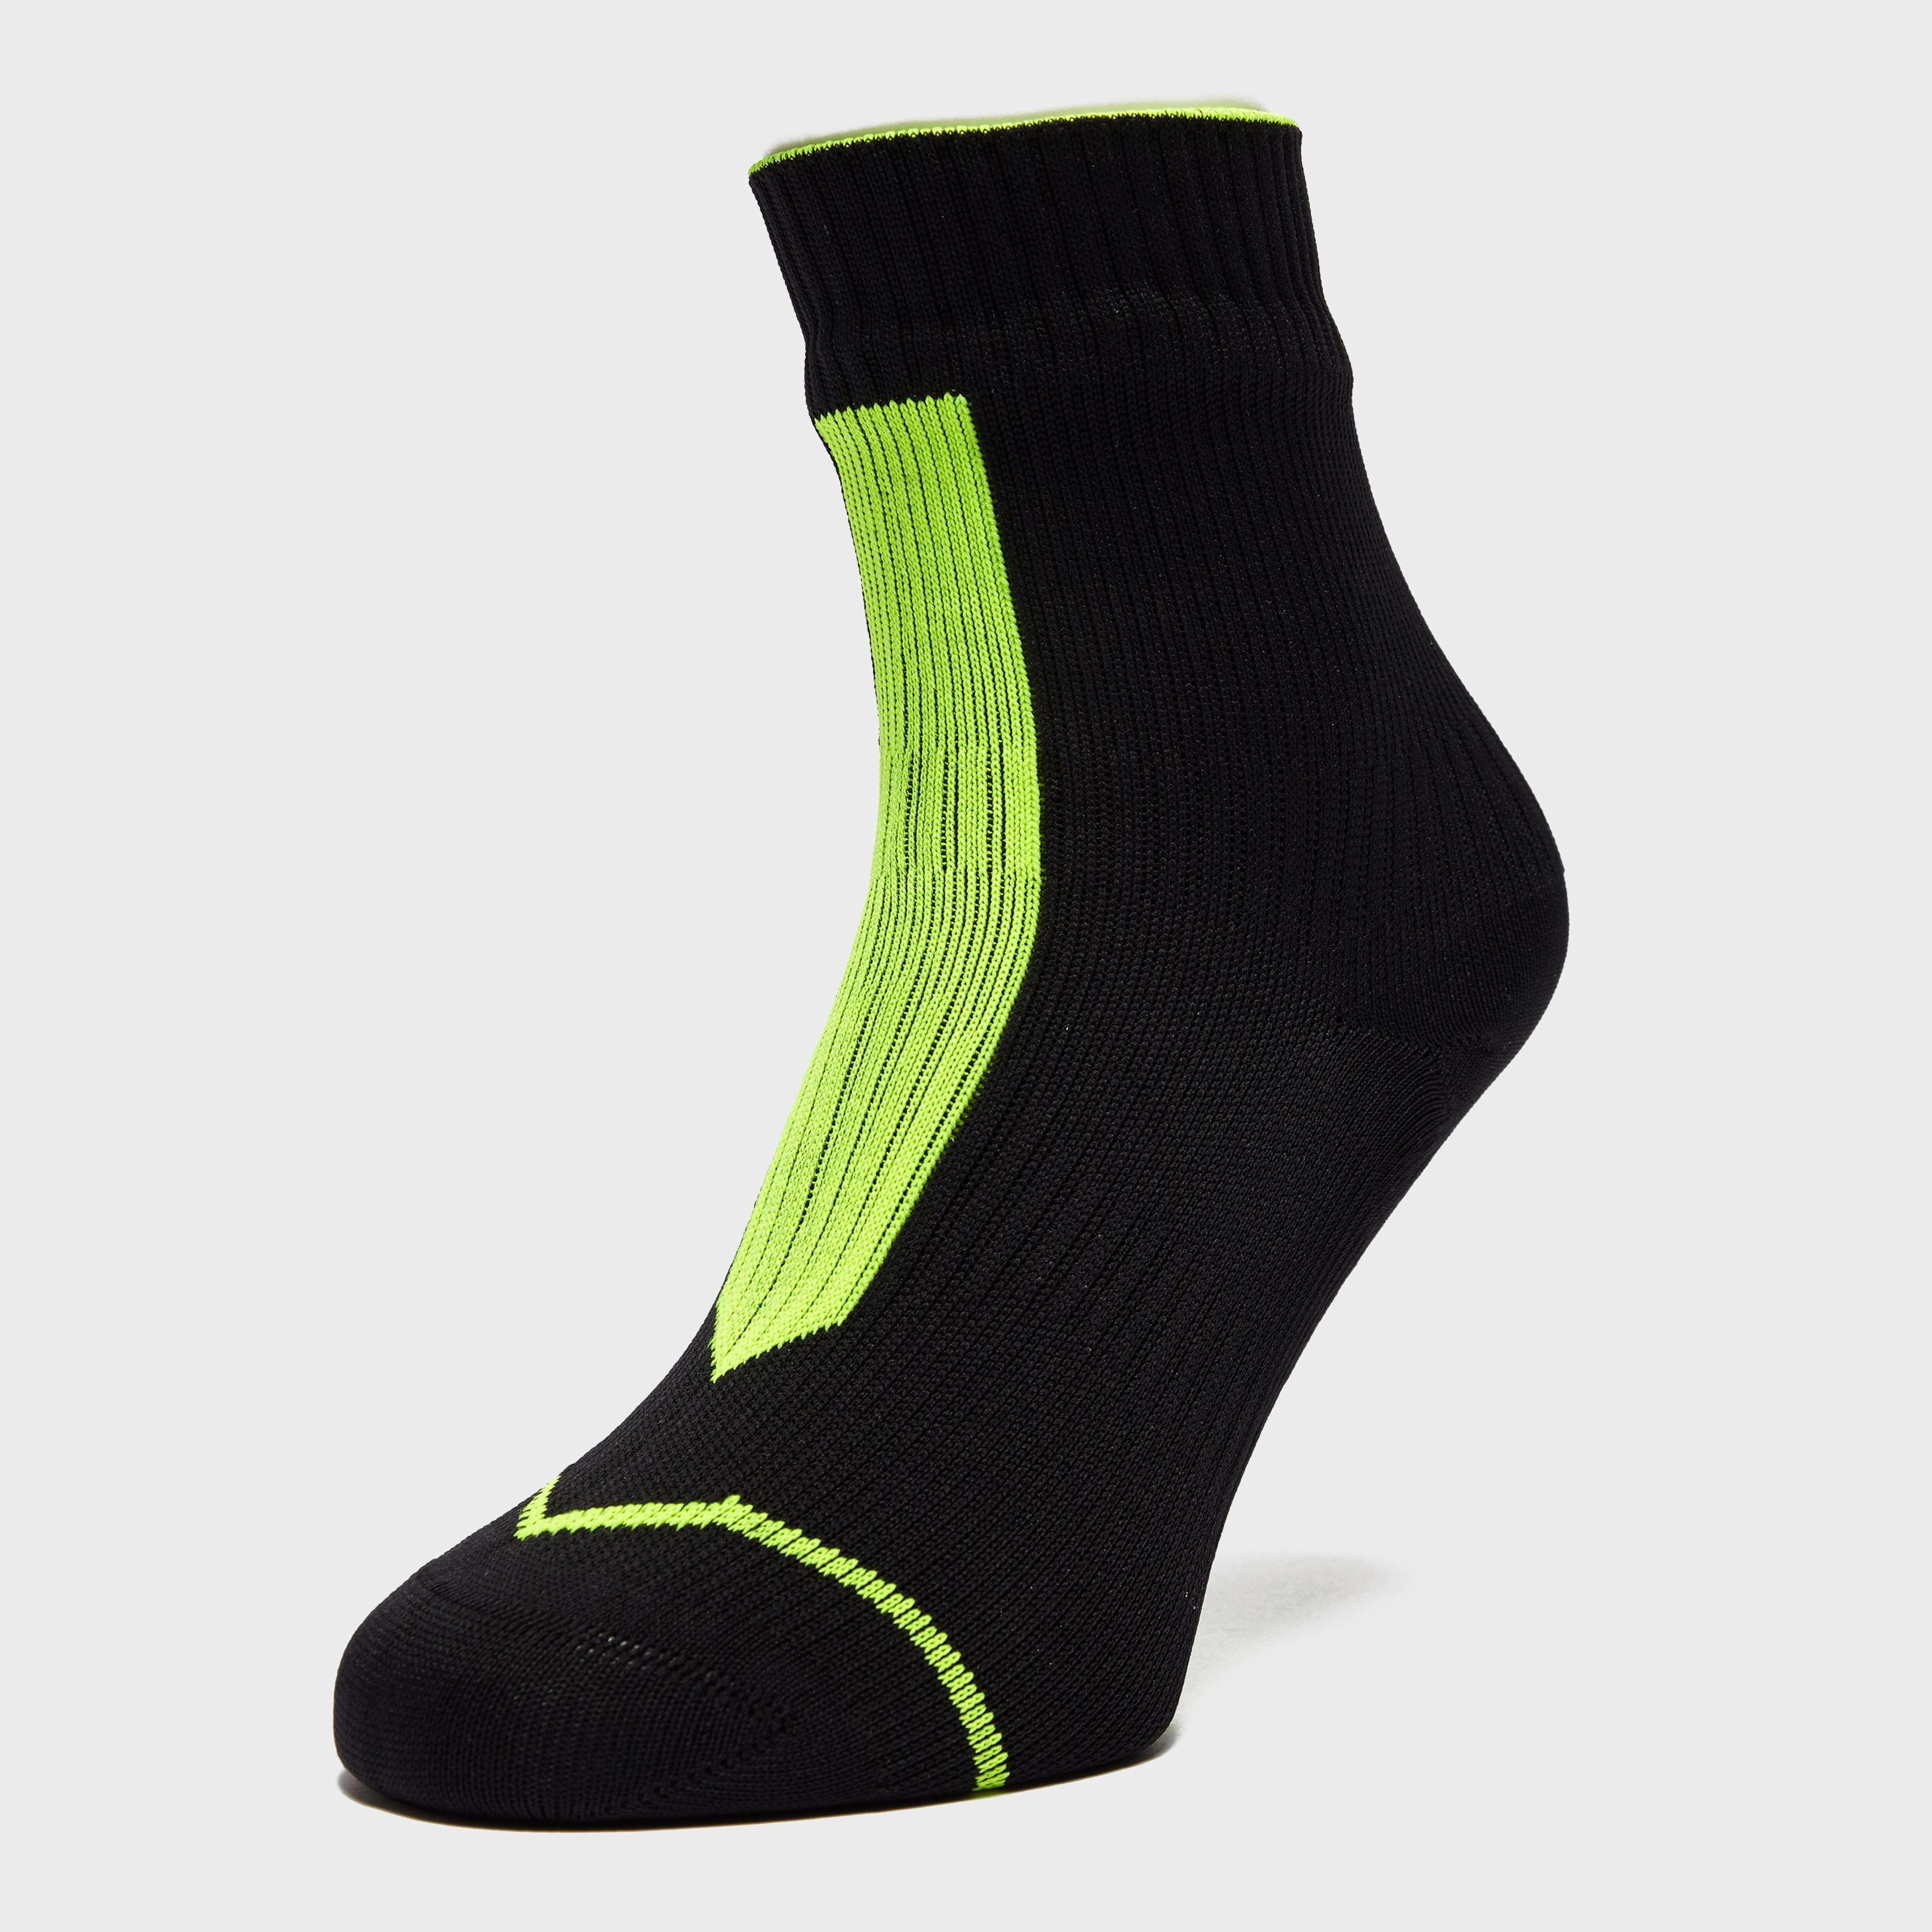 SEALSKINZ Road Ankle Hydro Socks